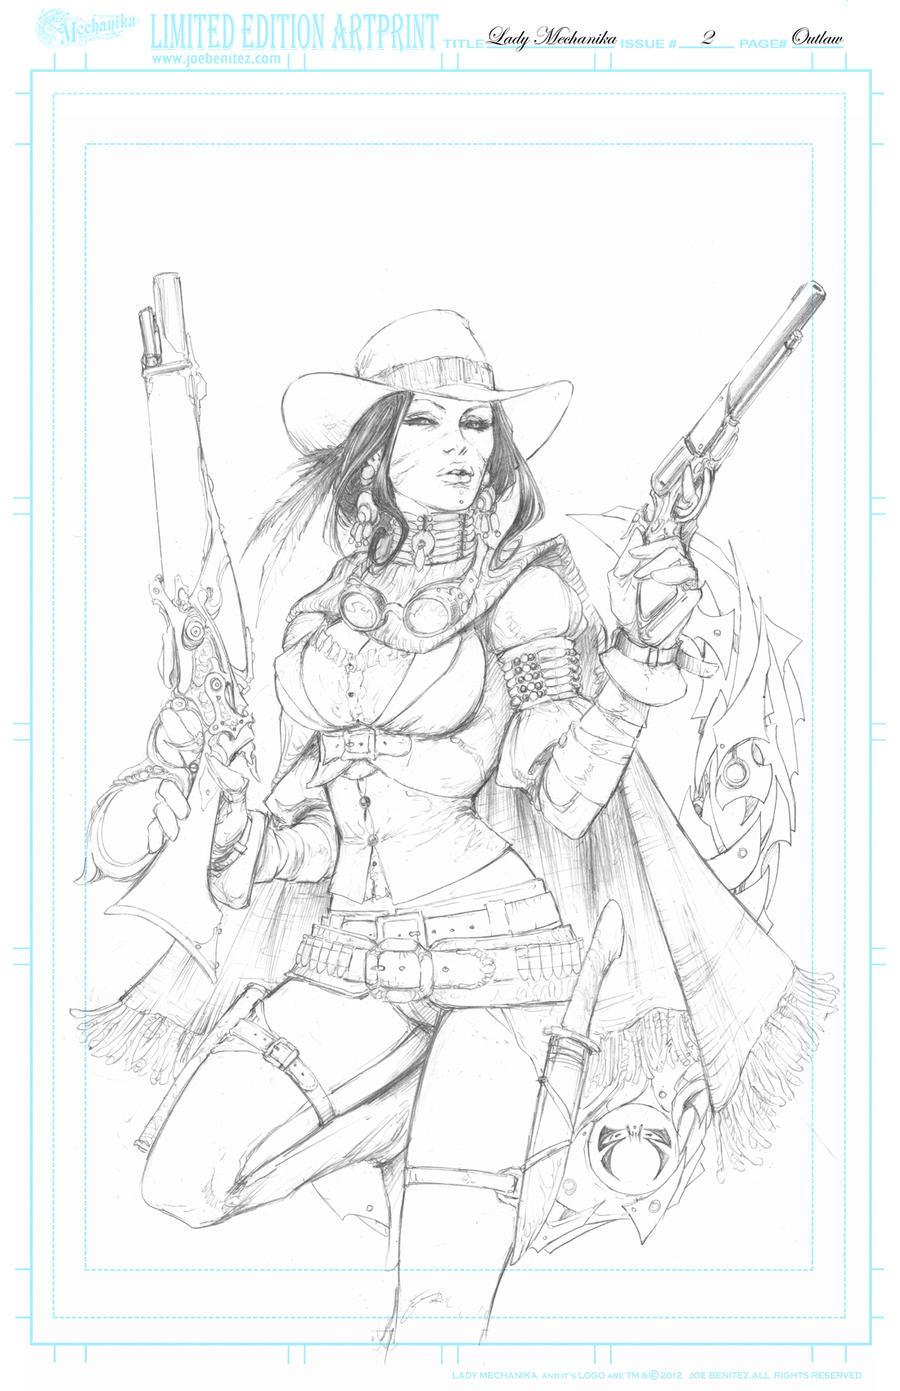 Lady M2 Outlaw Print by joebenitez